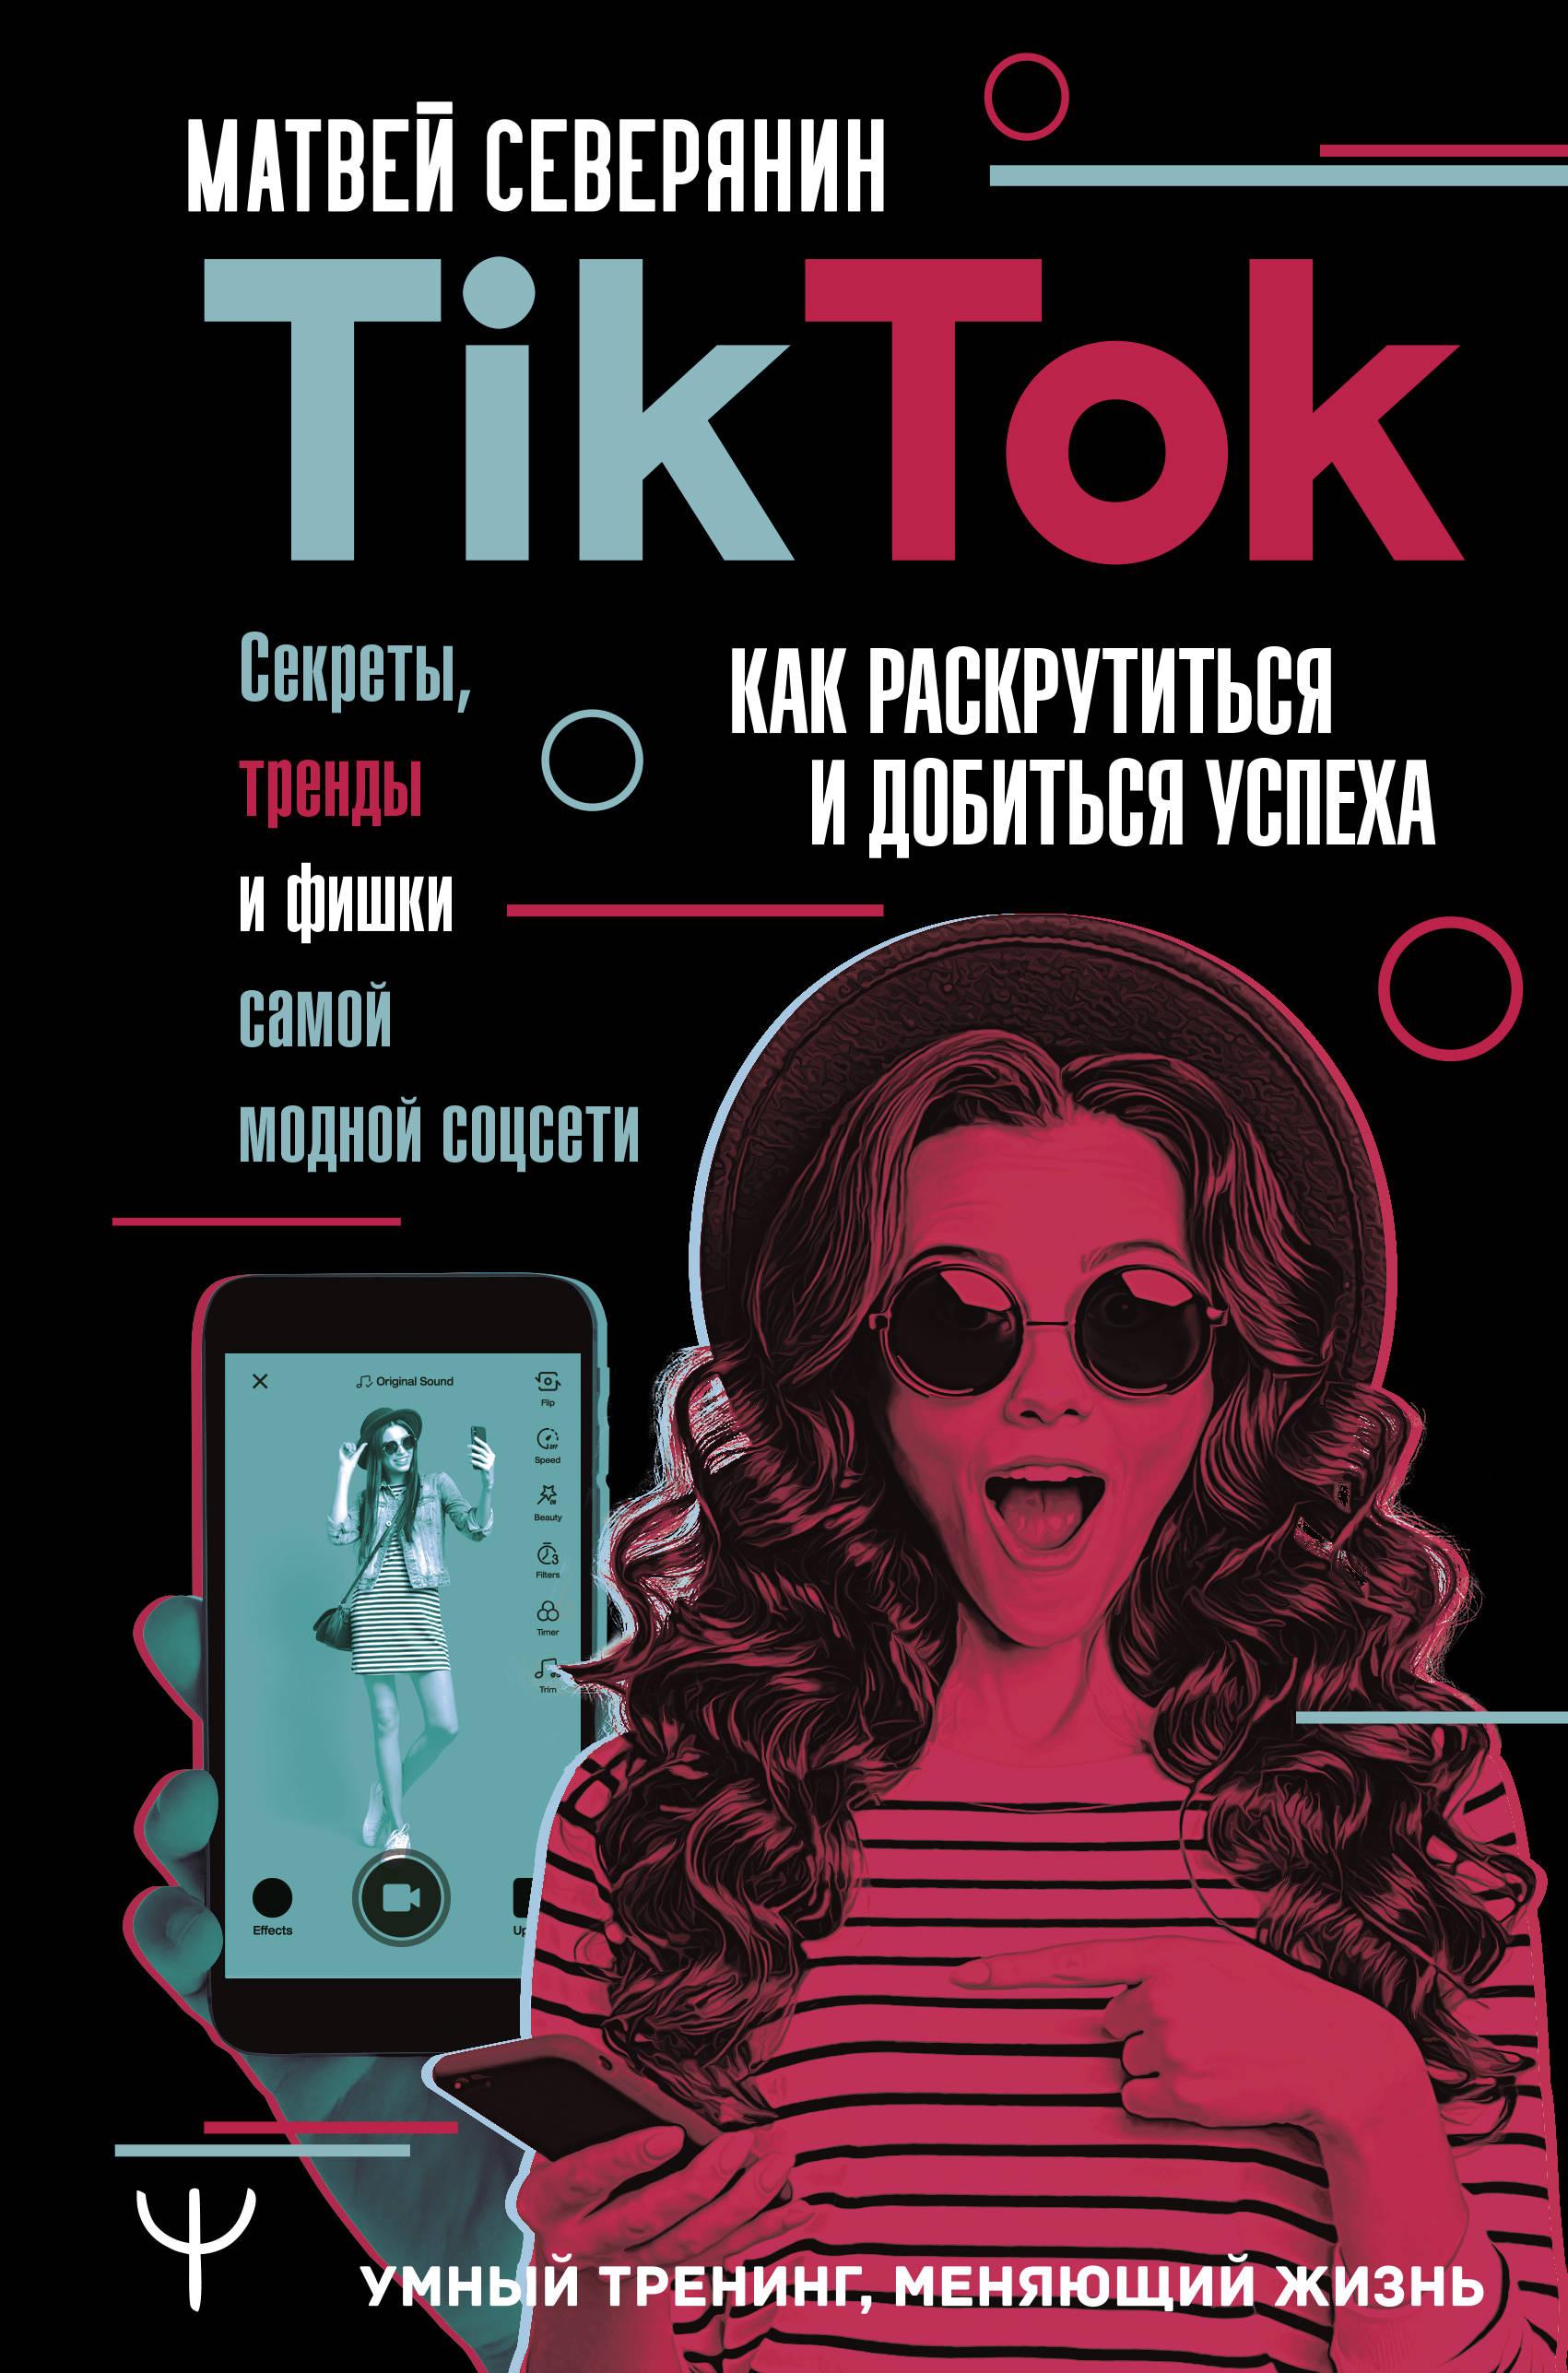 Tik Tok. Секреты, тренды и фишки самой модной соцсети. Как раскрутиться и добиться успеха